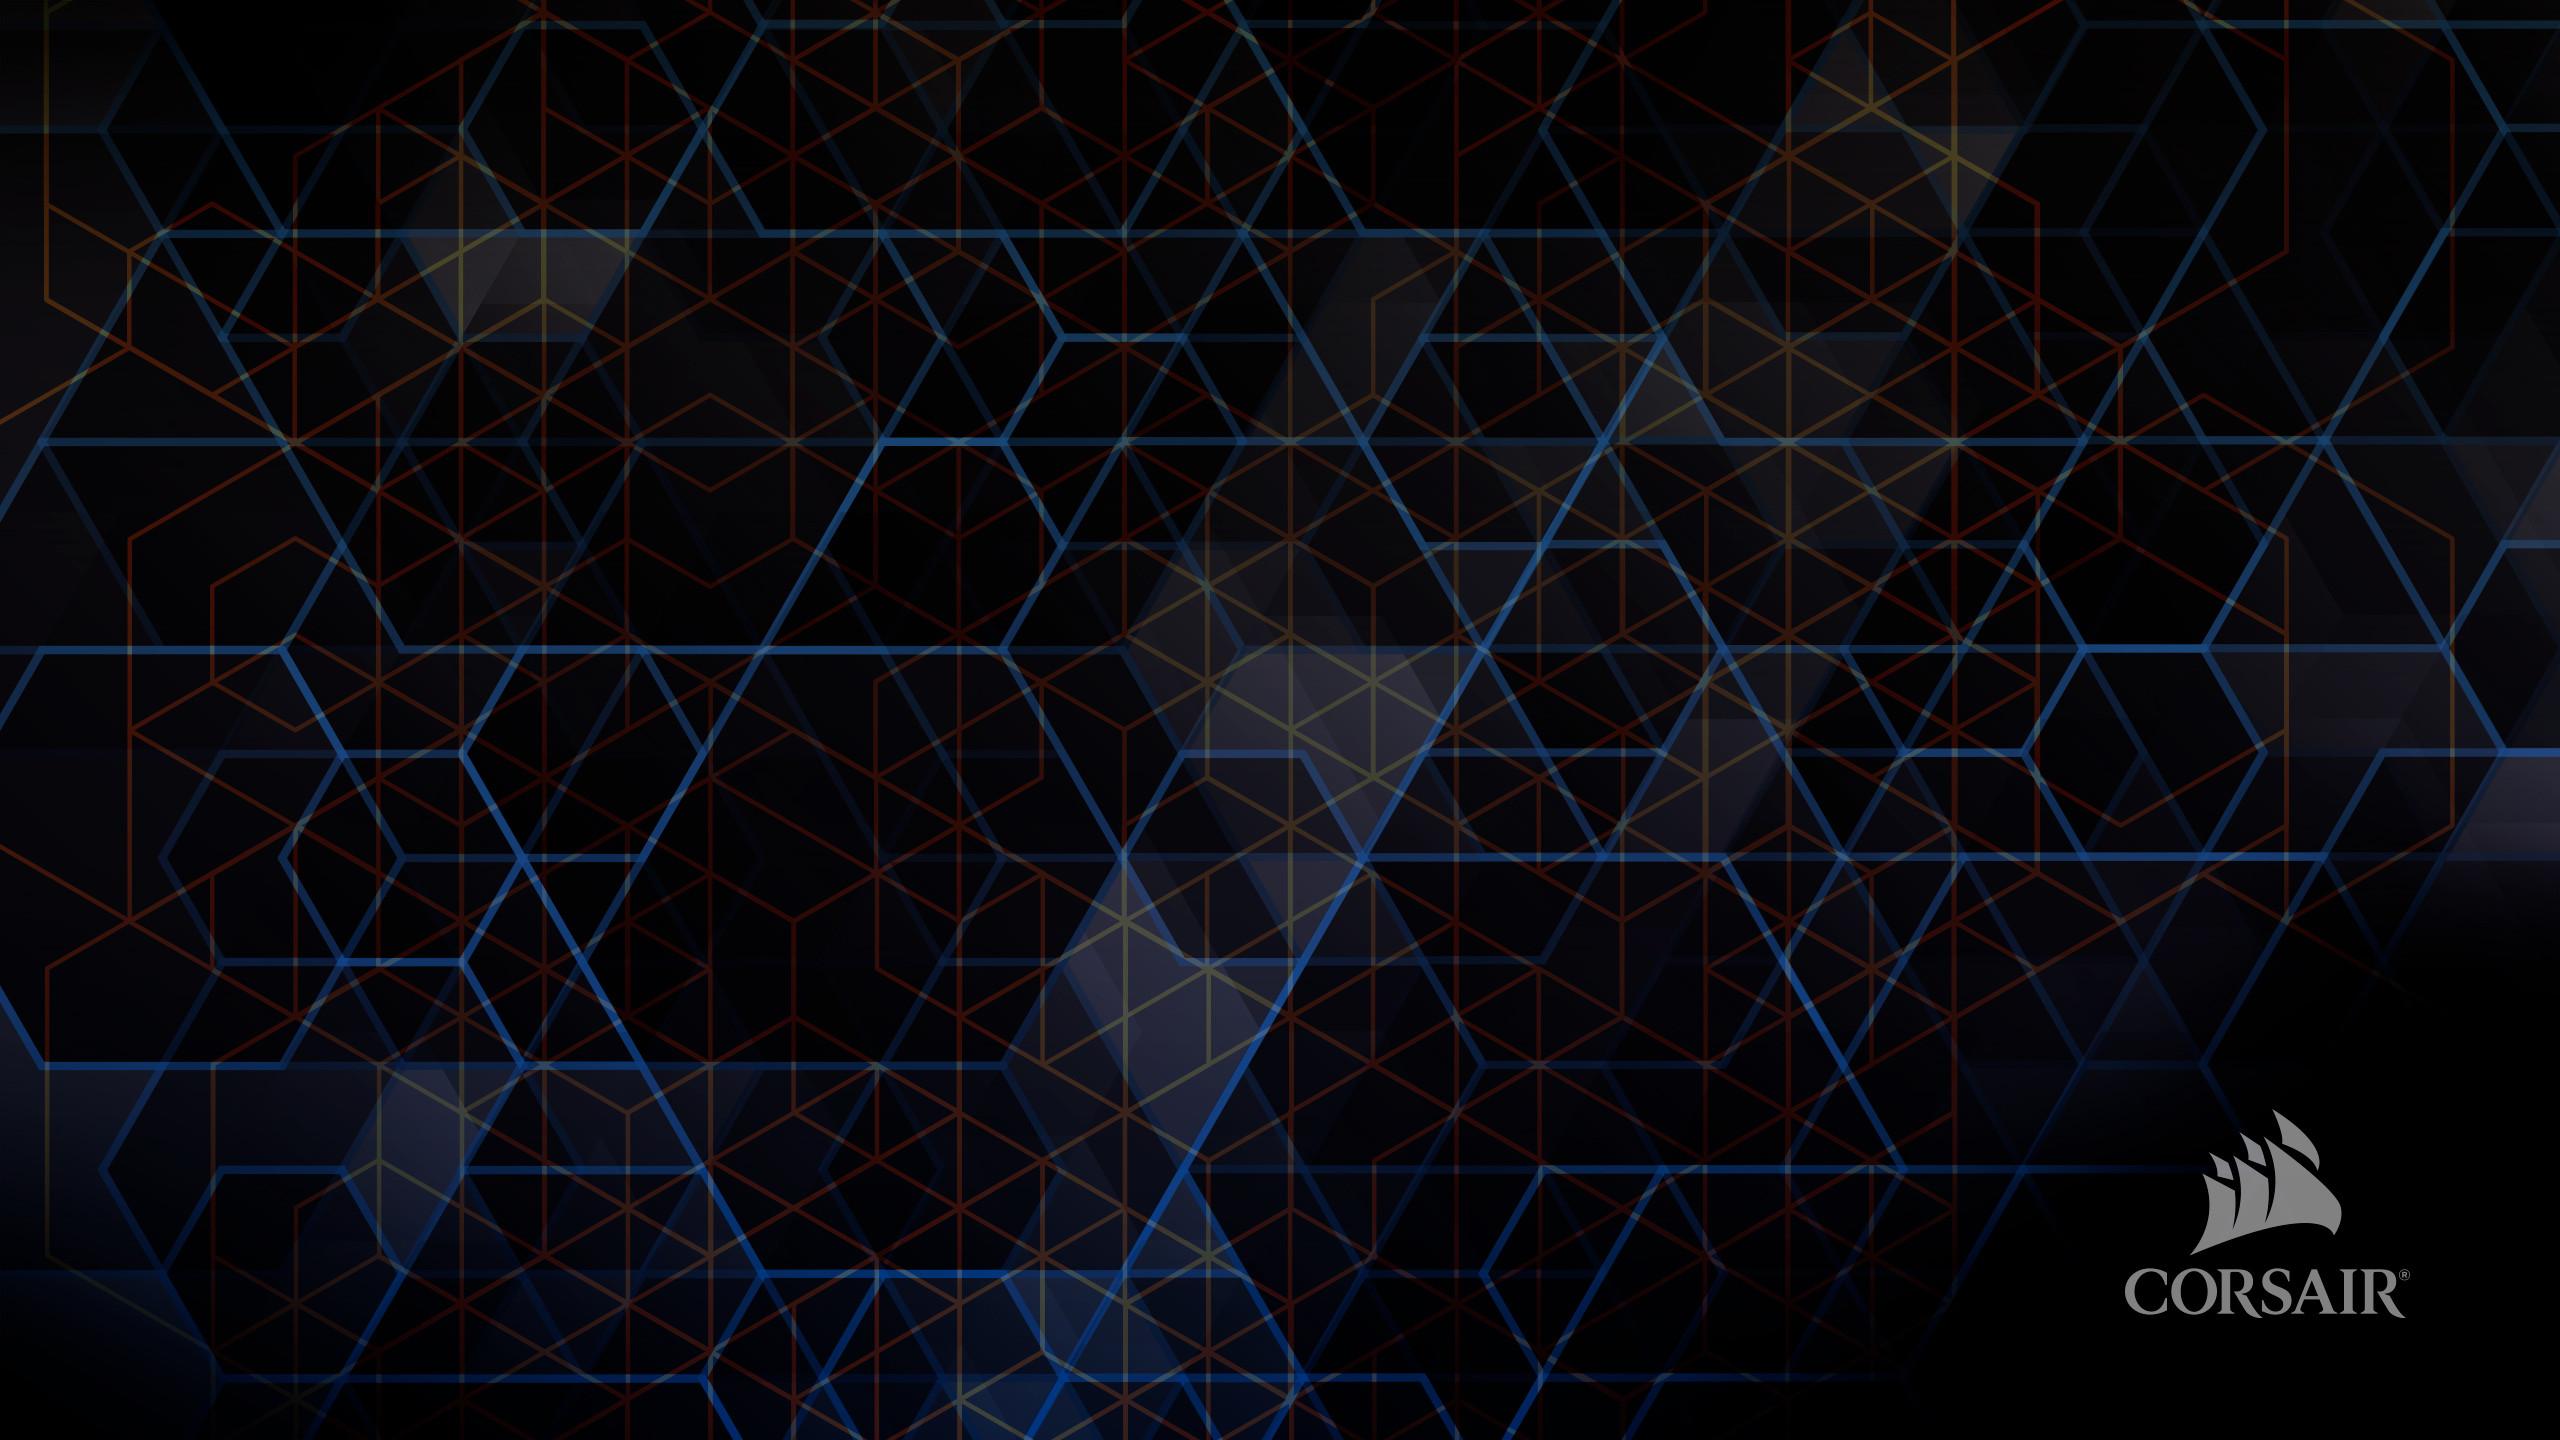 HEX GRID. 1280×720 · 1366×768 · 1600×900 · 1680×1050 · 1920×1080 ·  1920×1200 · …